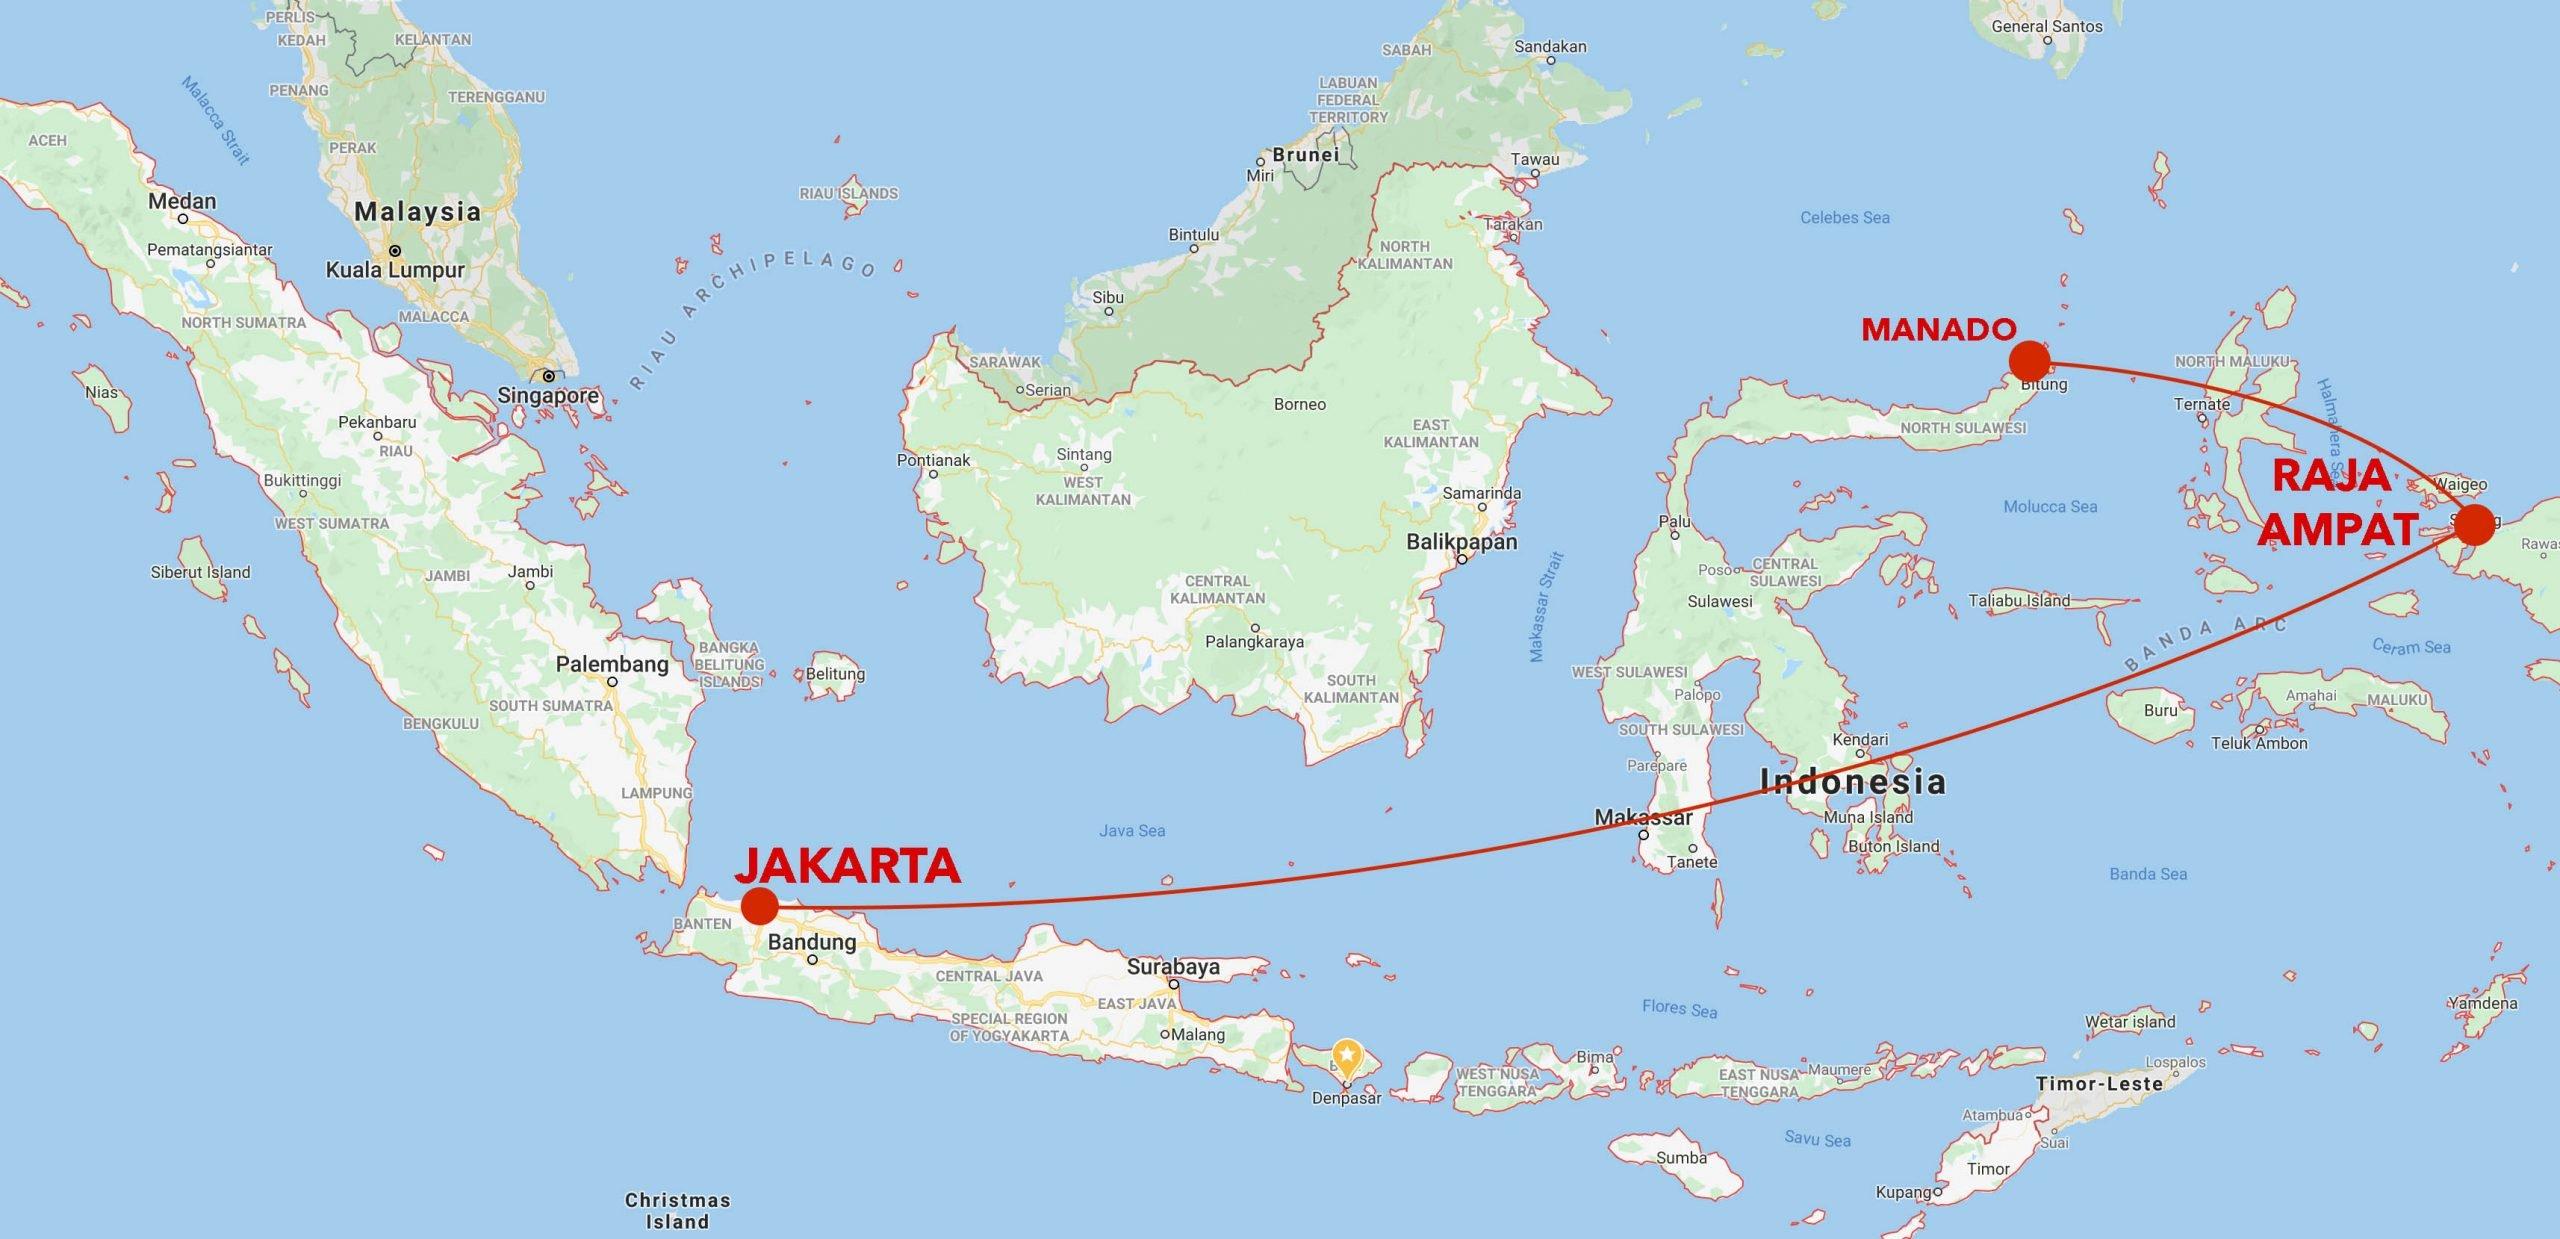 North Sulawesi to Raja Ampat snorkel safari map